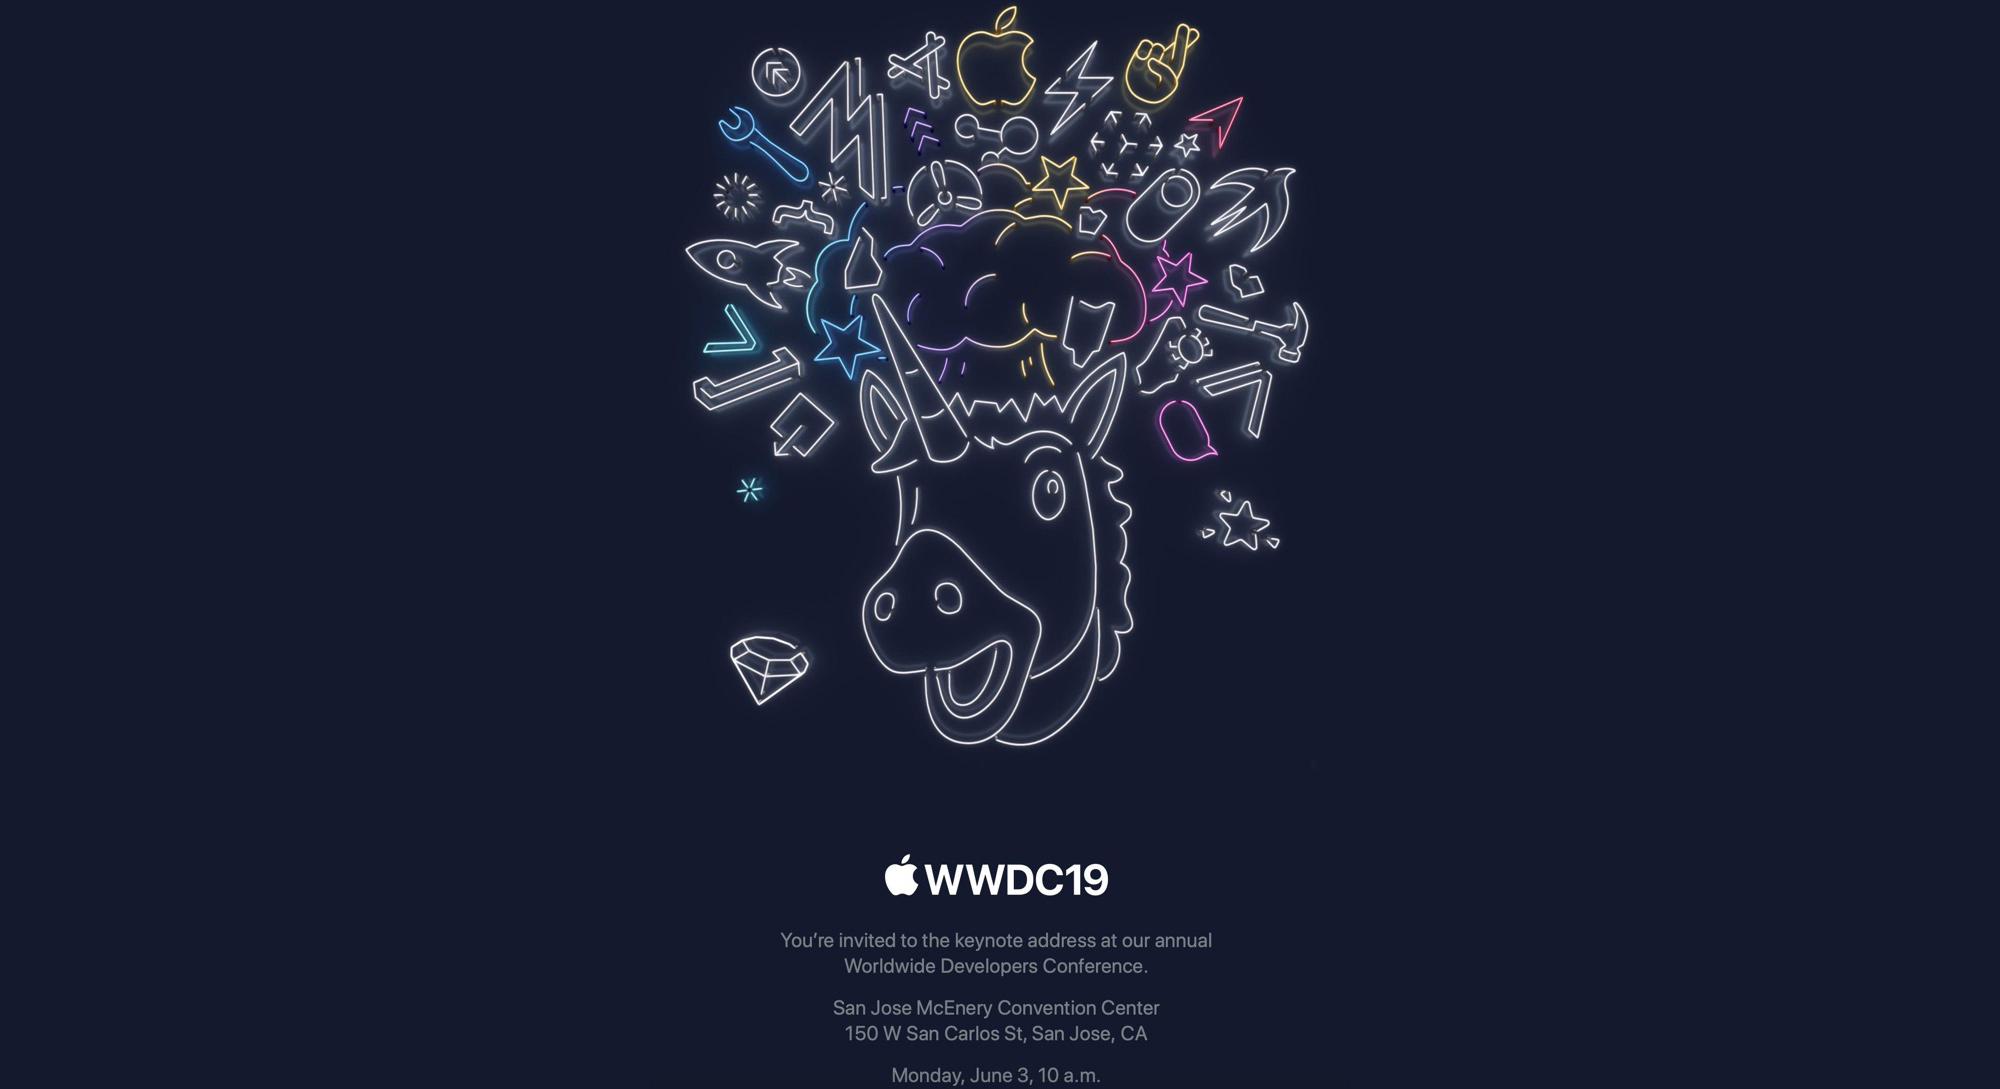 QnA VBage Konferencja WWDC 2019 już wkrótce. Podpowiadamy kiedy startuje prezentacja i gdzie można ją będzie obejrzeć